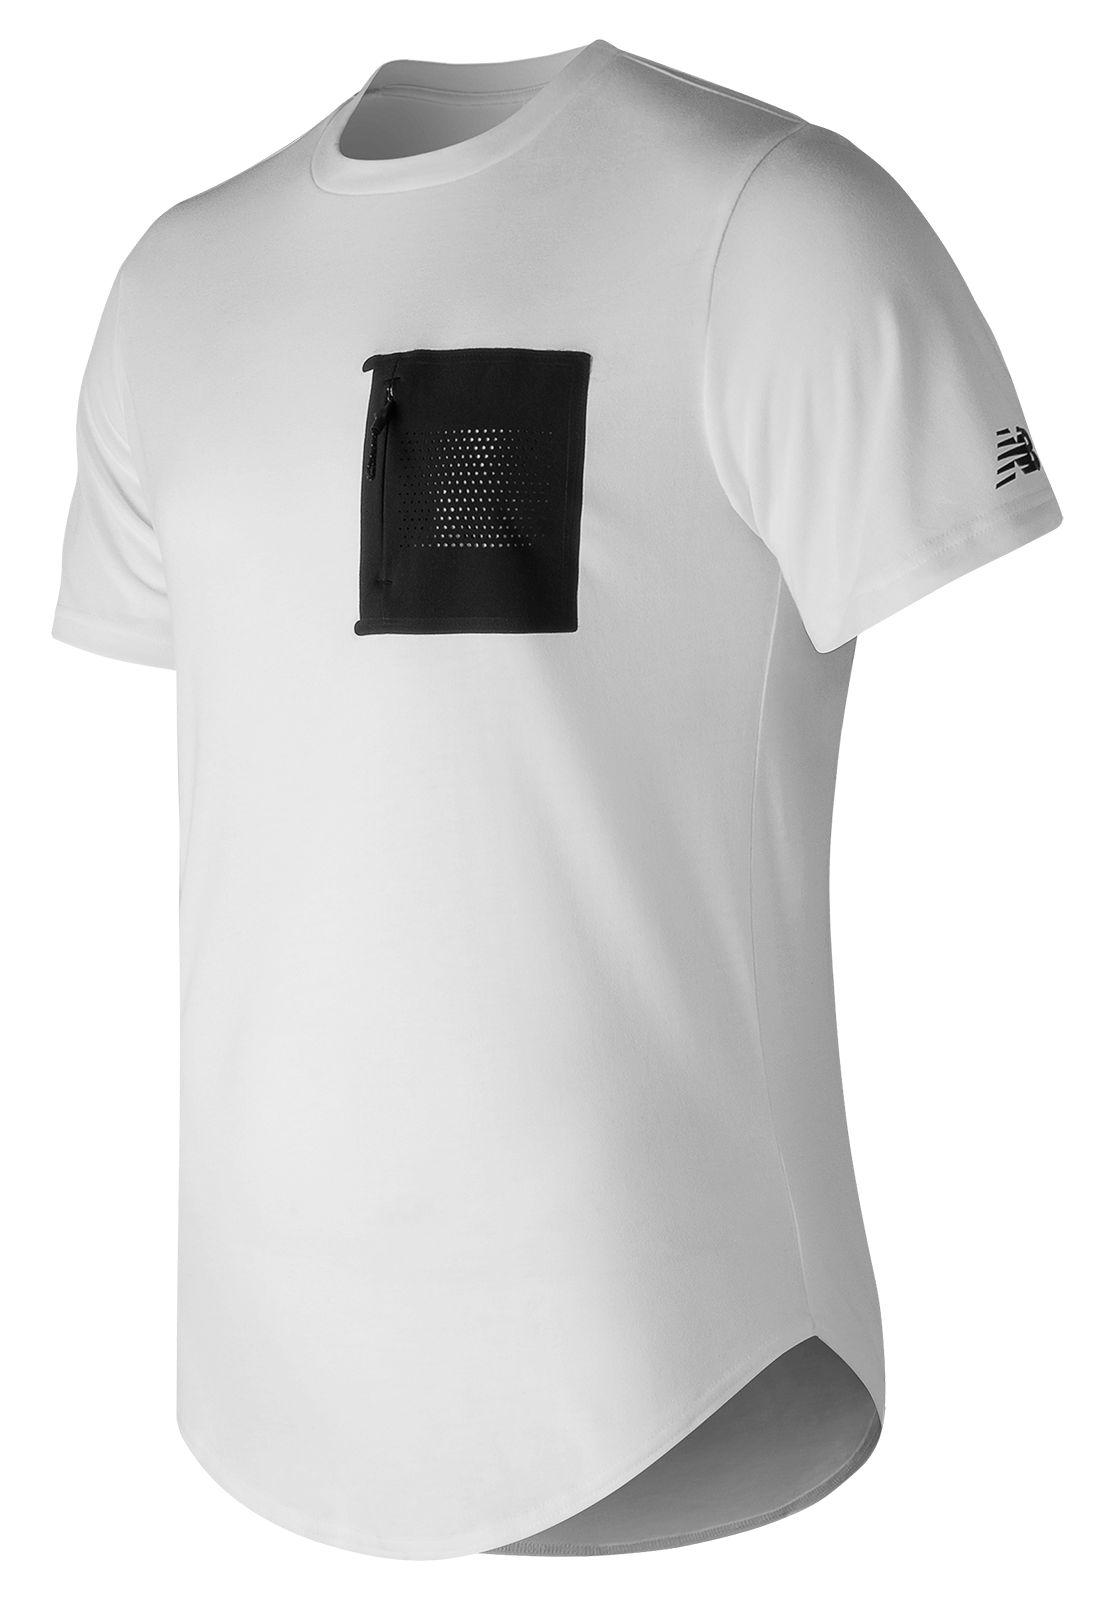 NB 247 Sport Pocket Tee, White